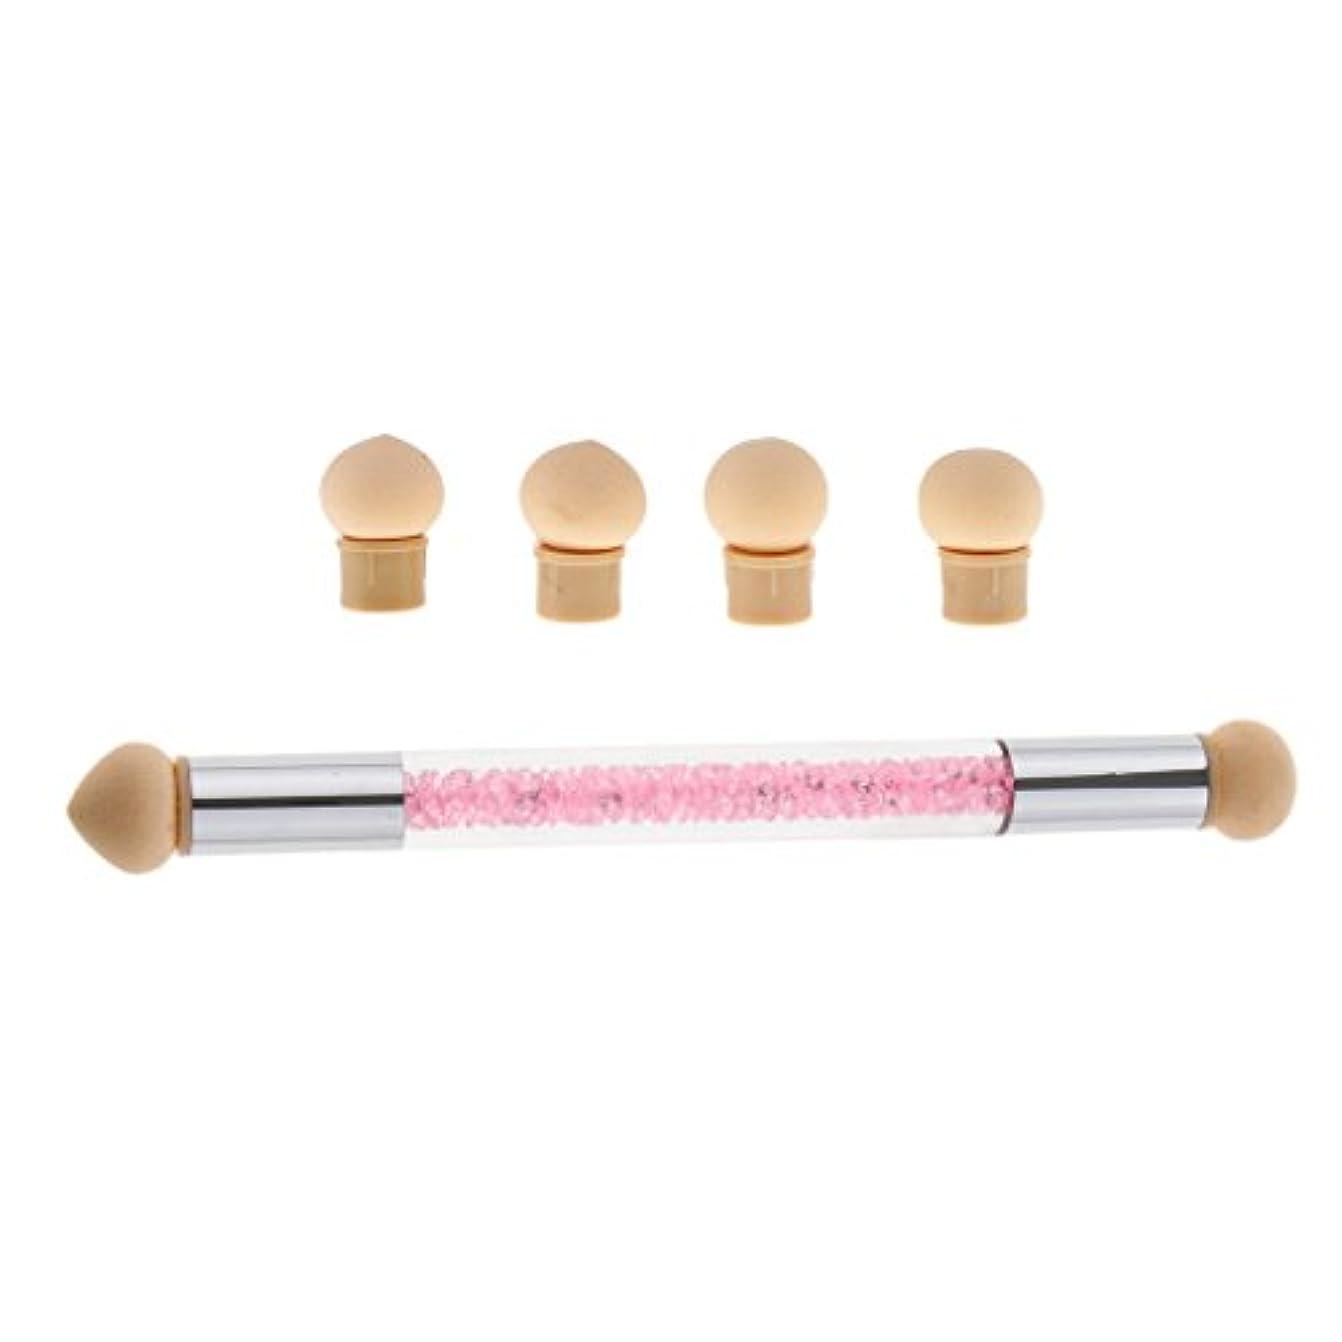 あえぎ解明するいわゆるネイルアート スポンジブラシ ドットペン 4個 交換用 スポンジヘッド ネイルブラシ UVゲル DIY アクリル爪 2色選べる - ピンク